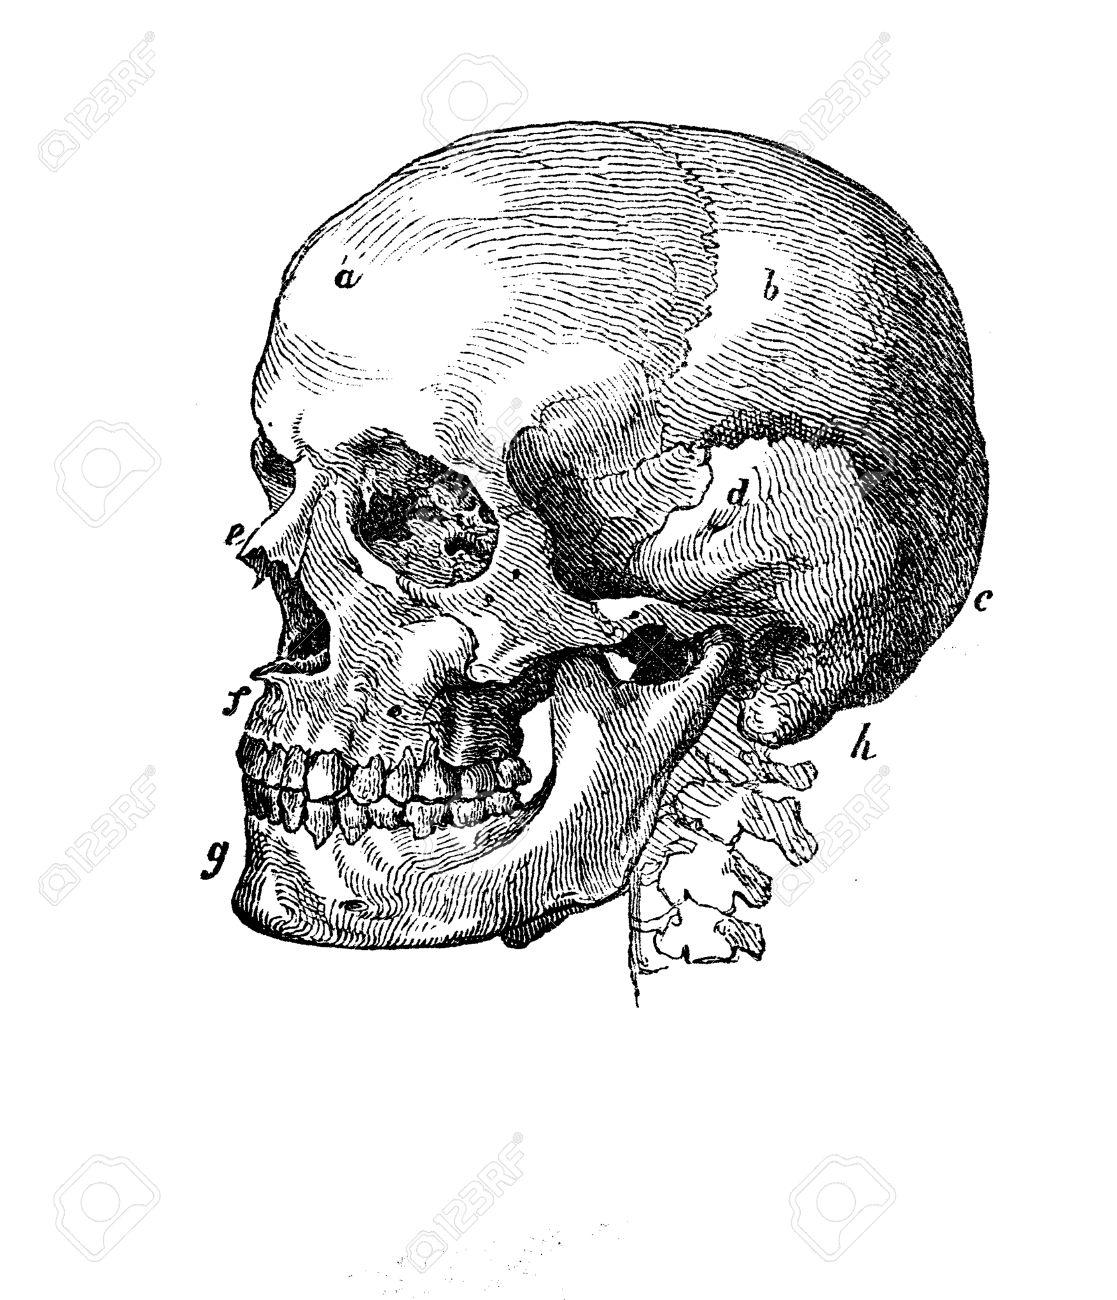 Perfil Cráneo Humano Anatomía, Grabado Del Siglo XIX Fotos, Retratos ...